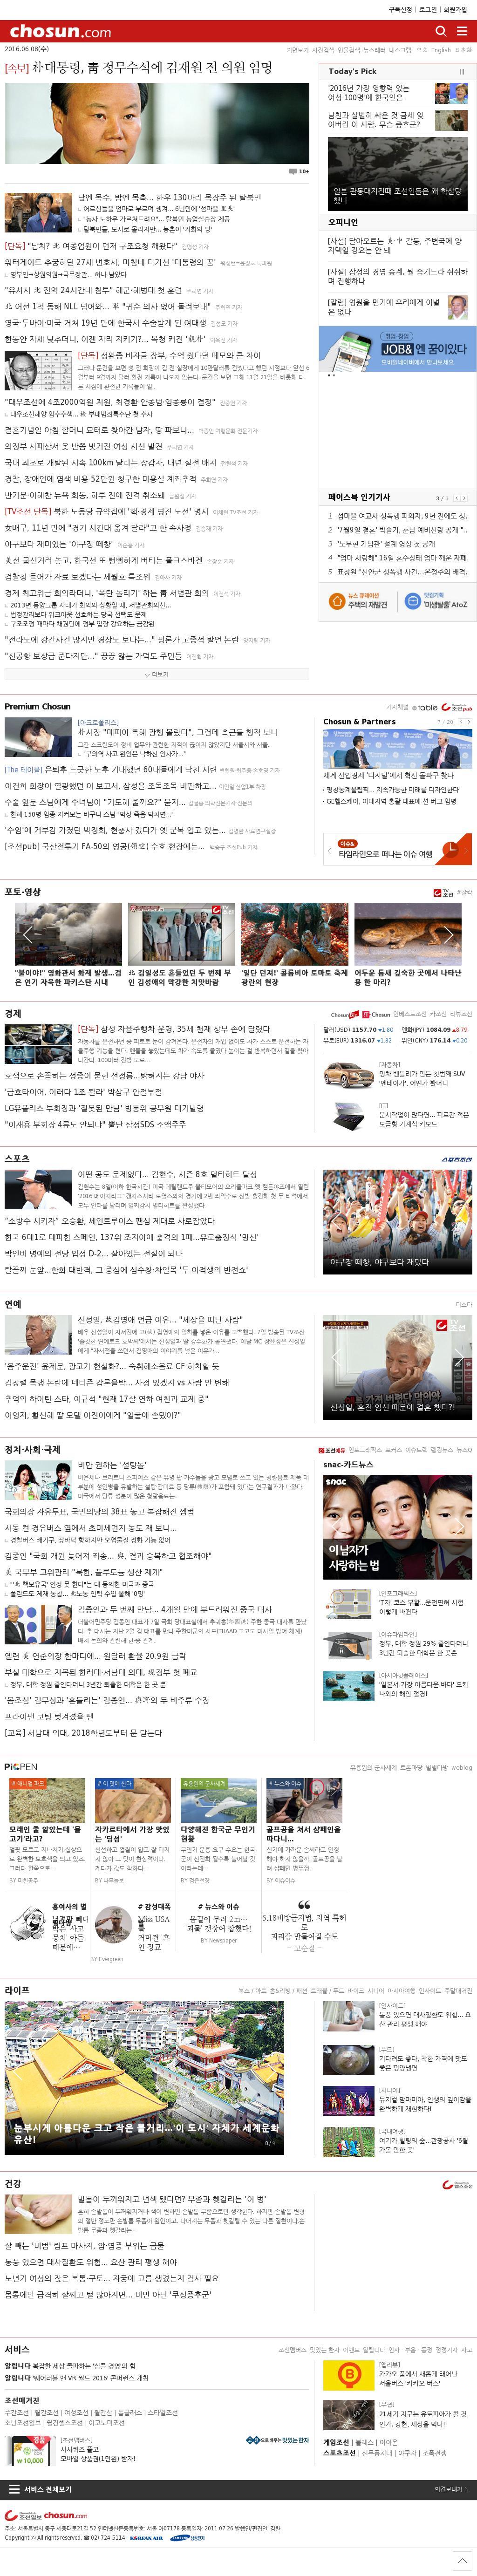 chosun.com at Wednesday June 8, 2016, 2:03 a.m. UTC